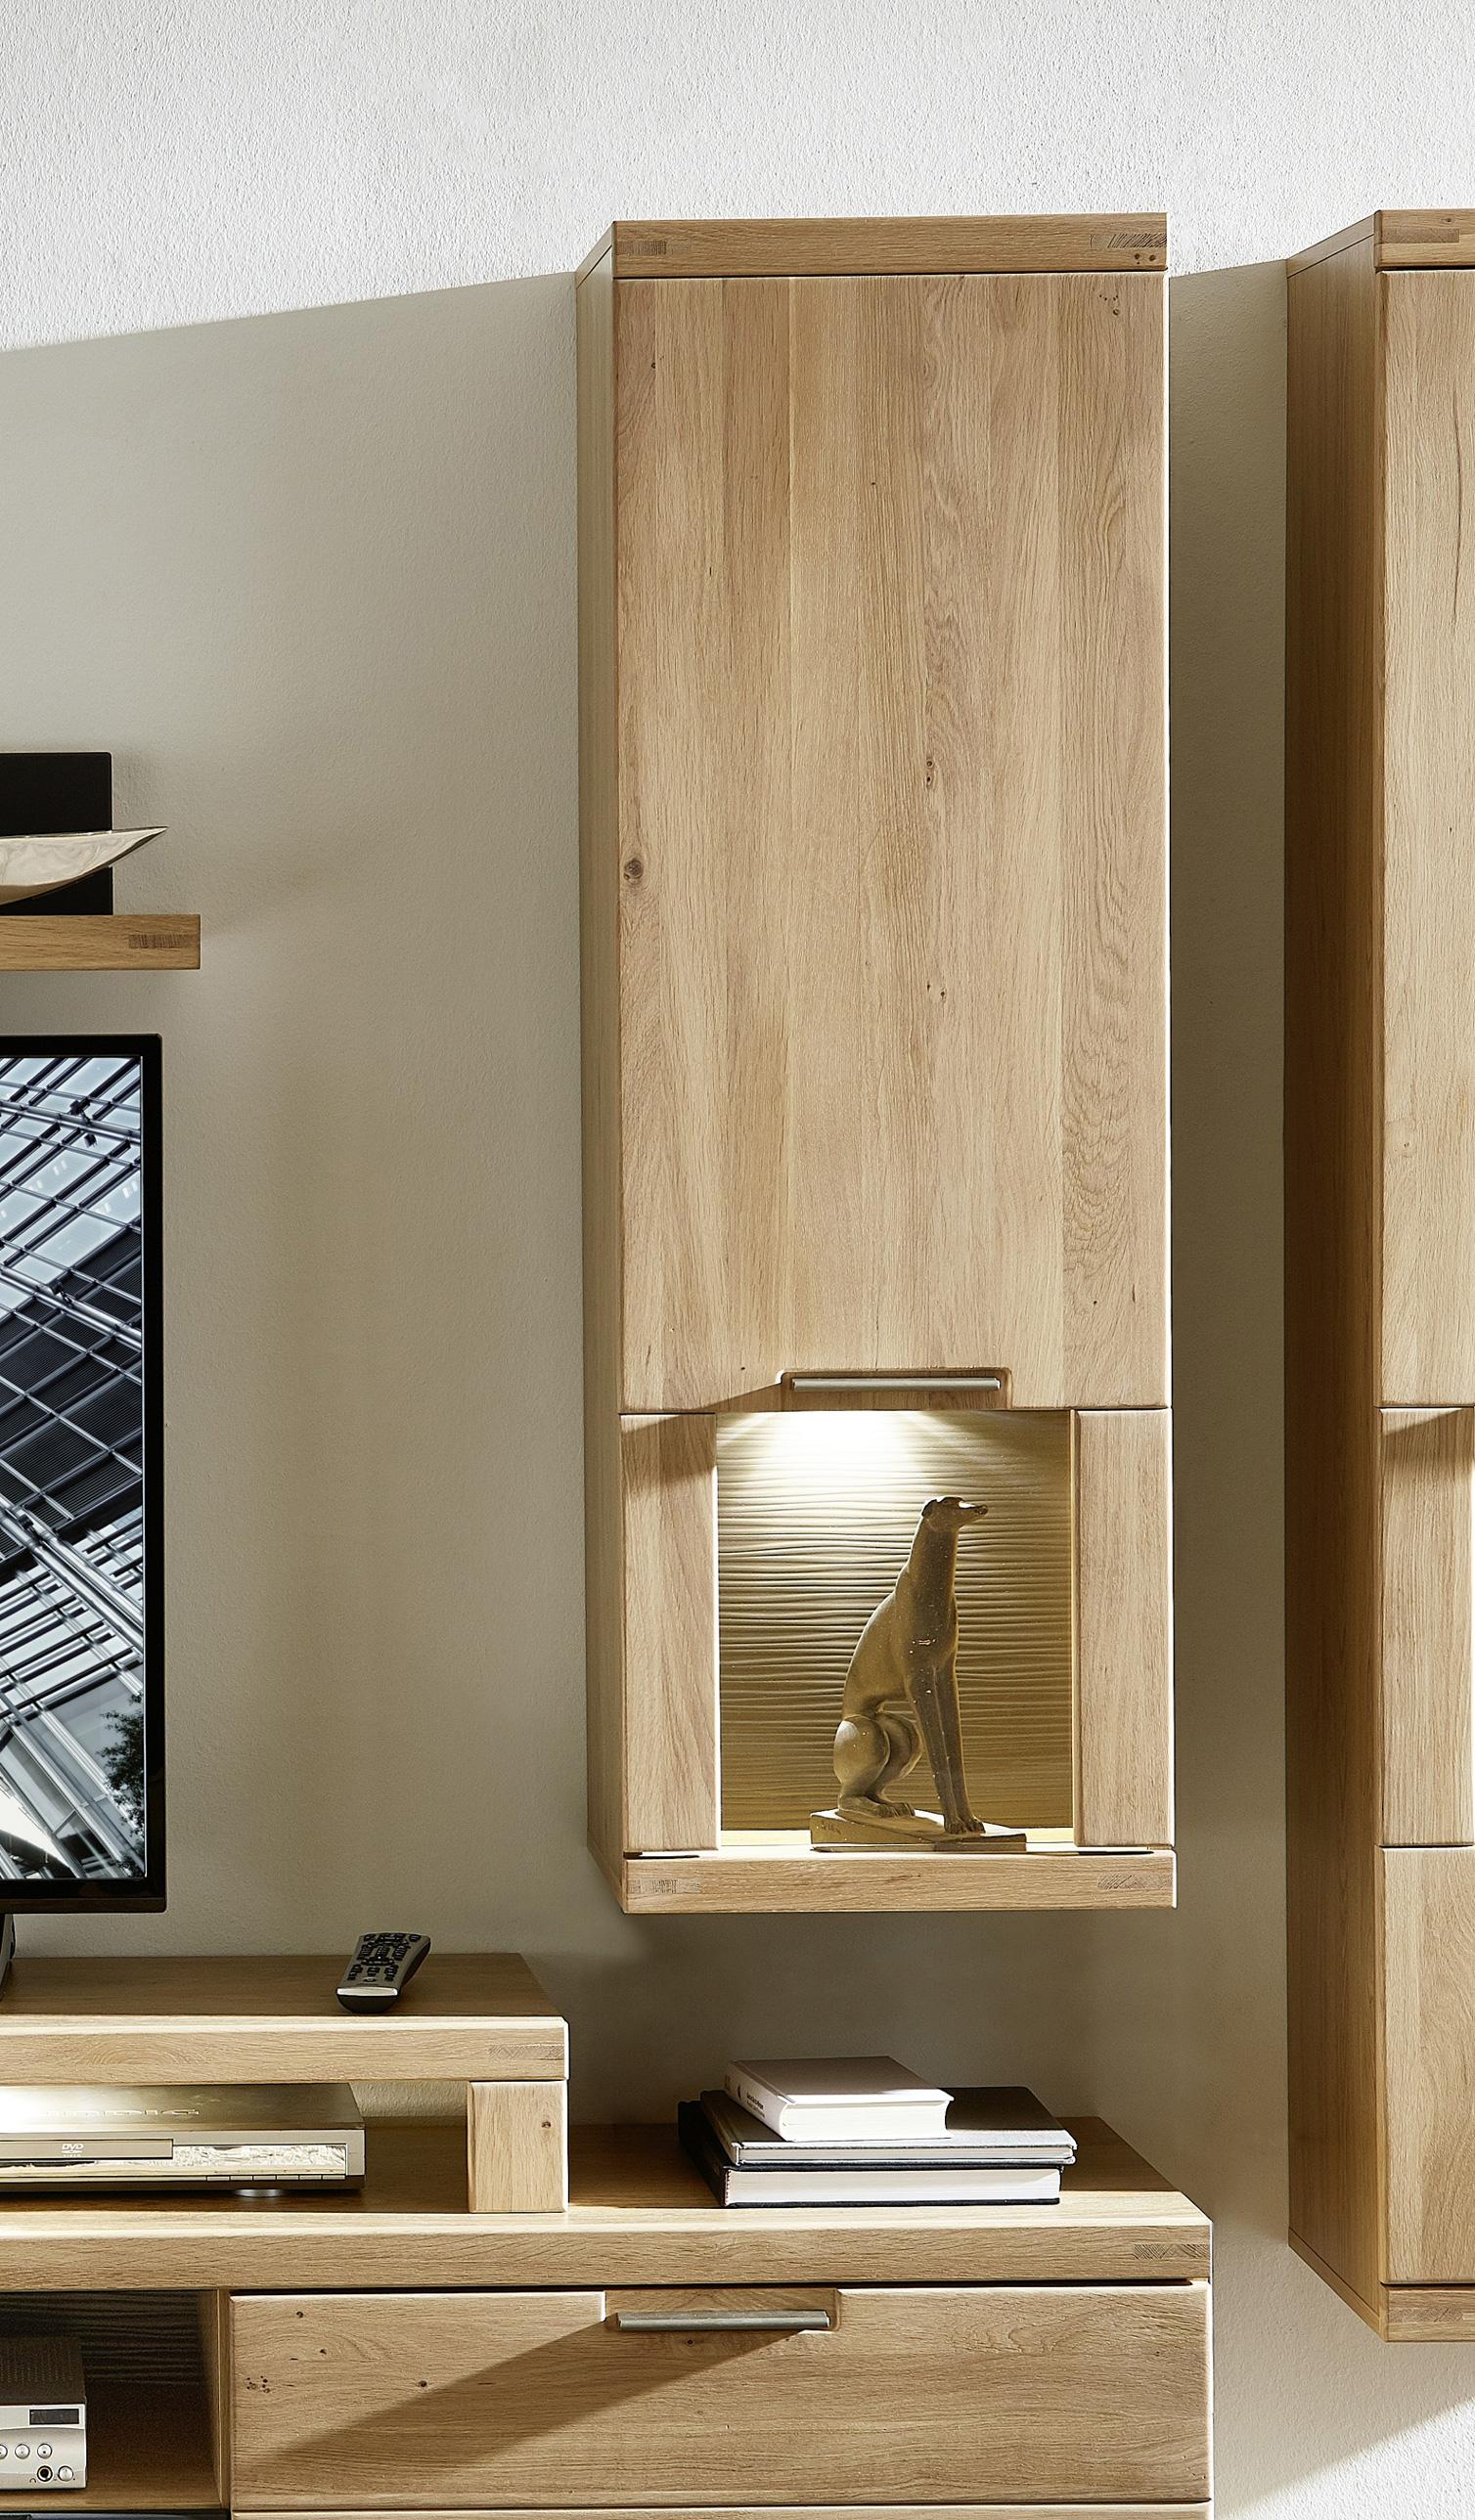 wildeiche massiv wohnzimmer wildeiche massiv luxury wohnzimmer mbel polt mbelhaus hd wallpaper. Black Bedroom Furniture Sets. Home Design Ideas